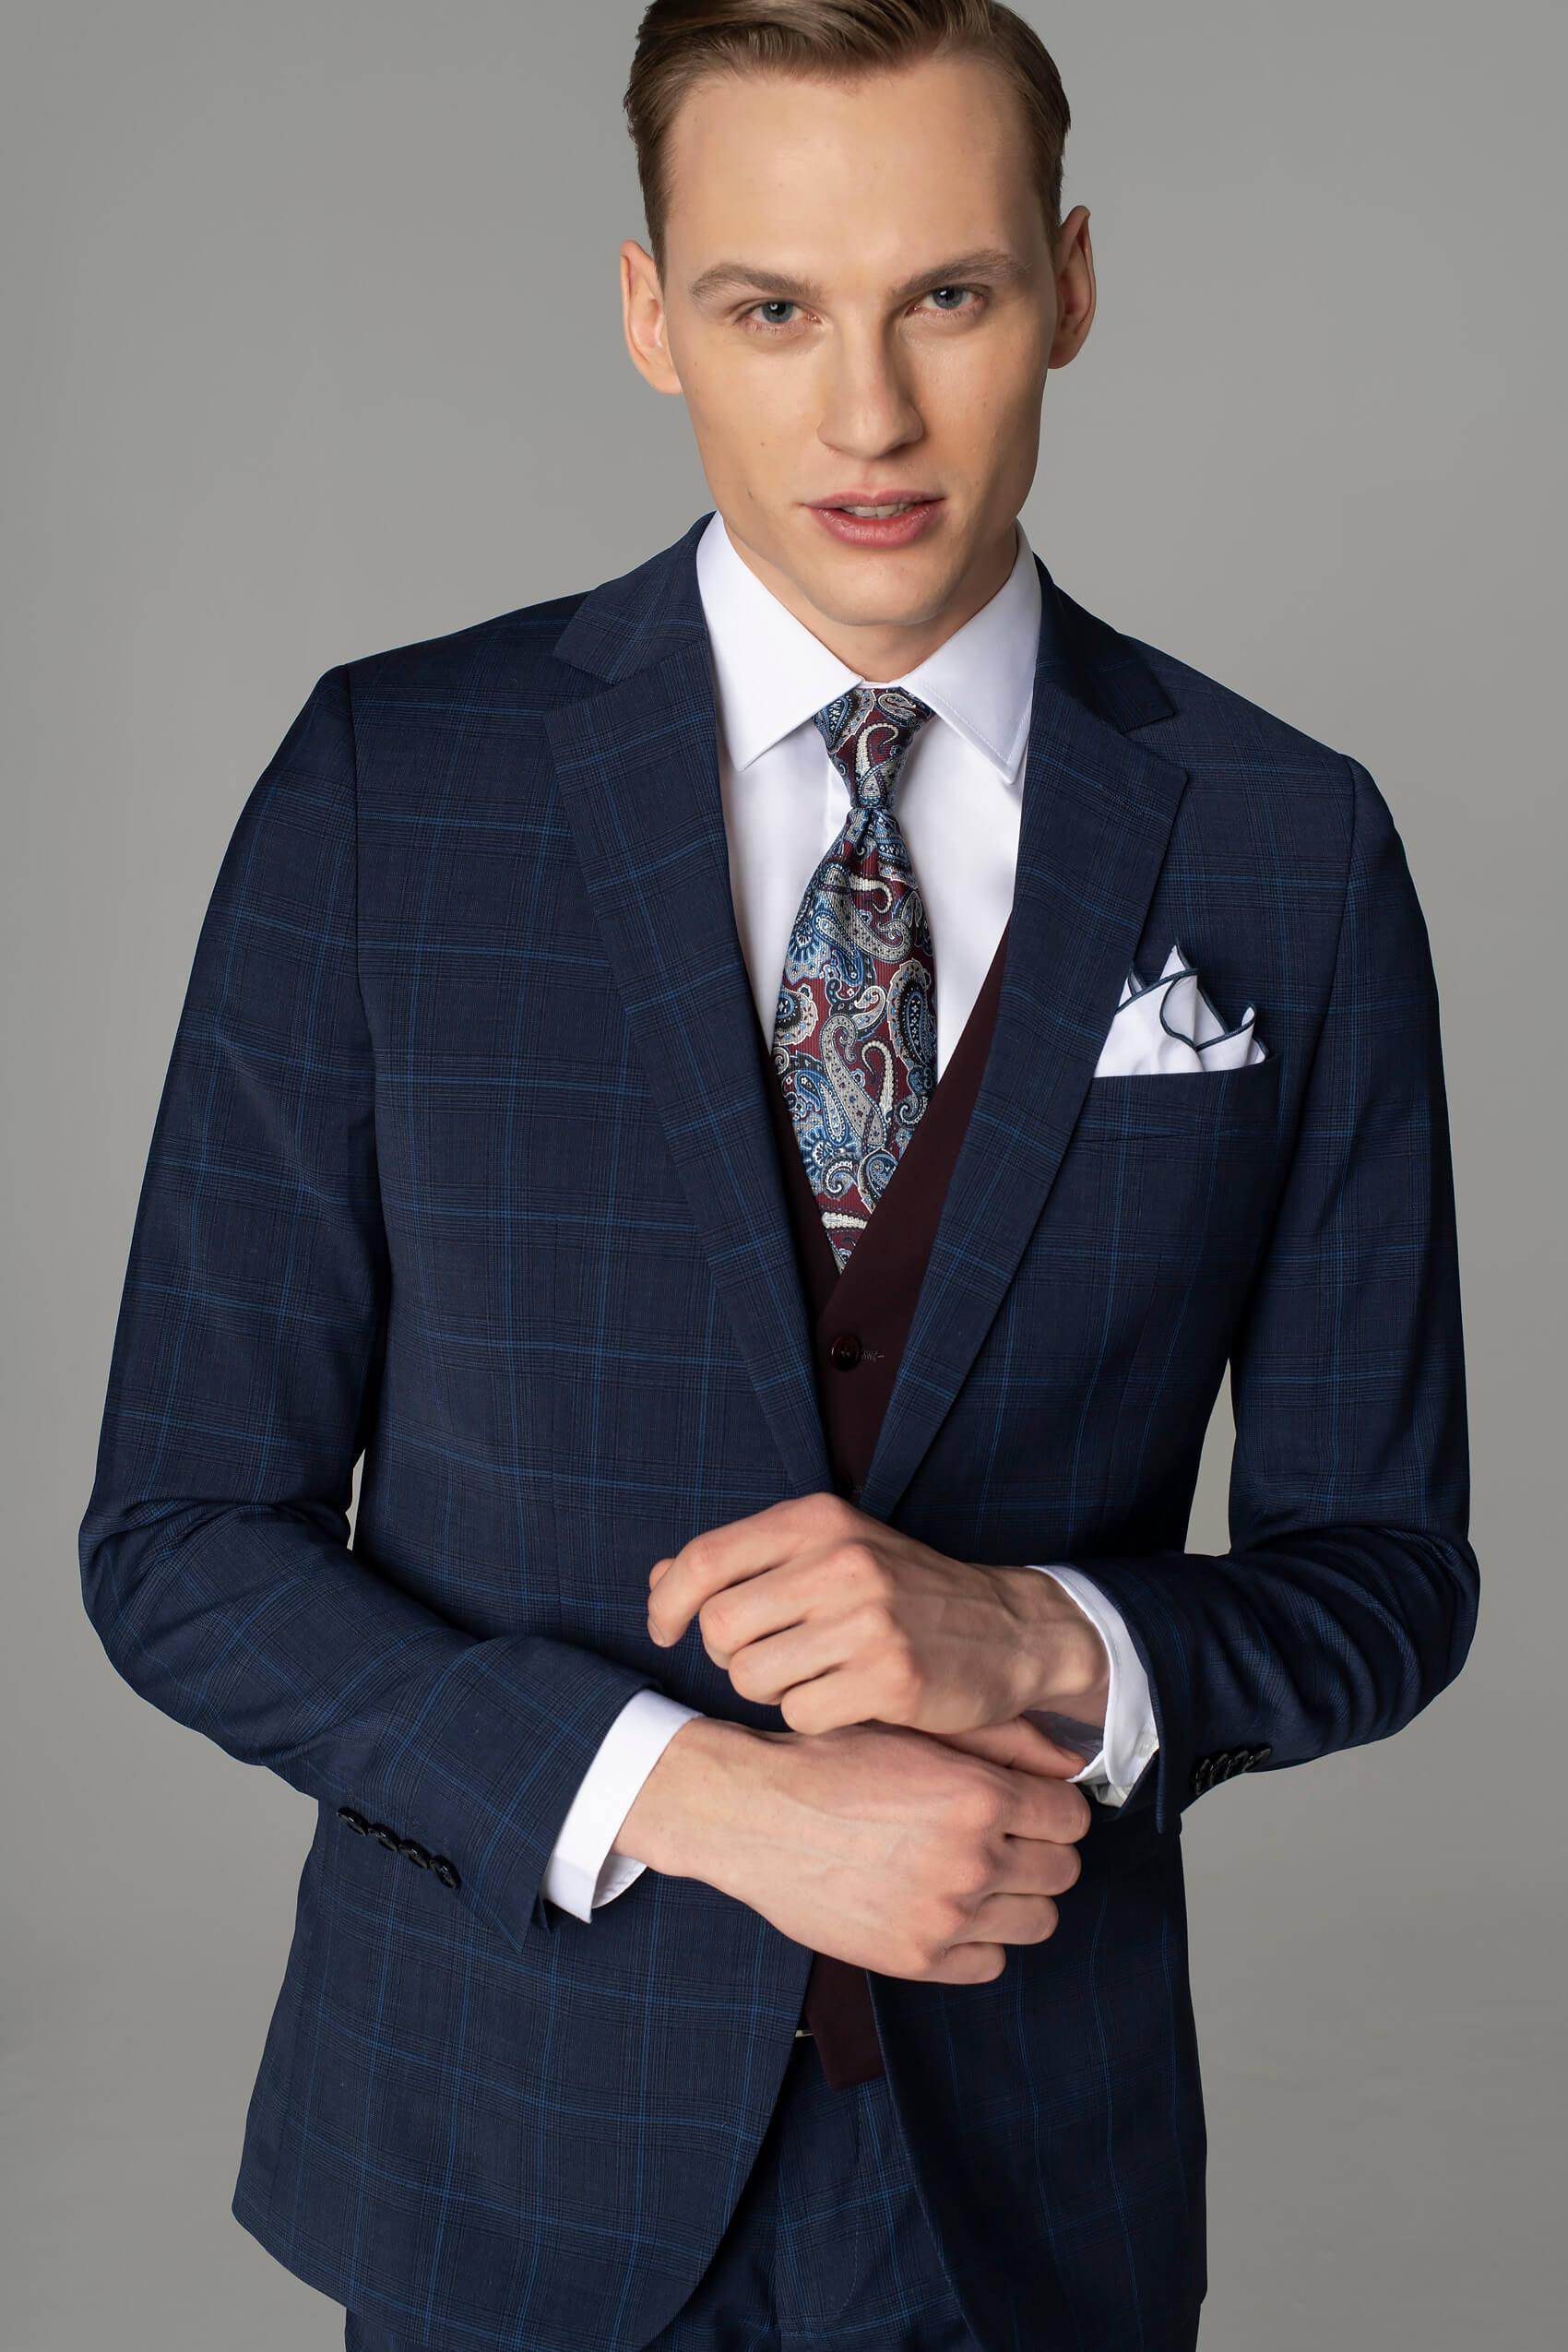 Business dress code – stylizacja z garniturem w kratę